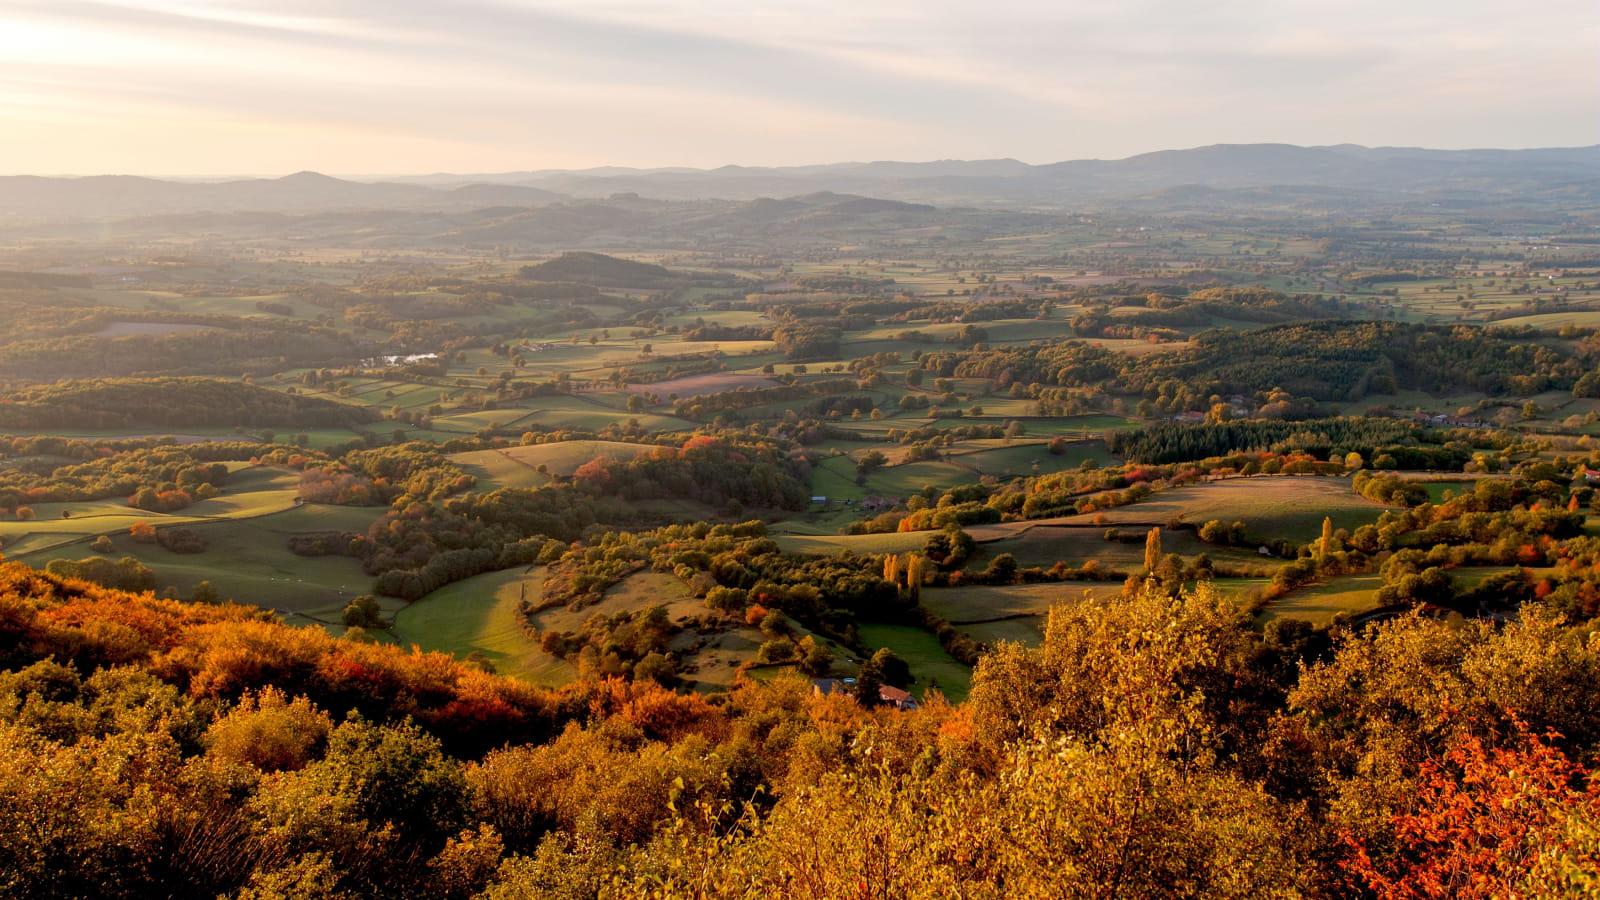 Alain DOIRE / Bourgogne-Franche-Comté Tourisme